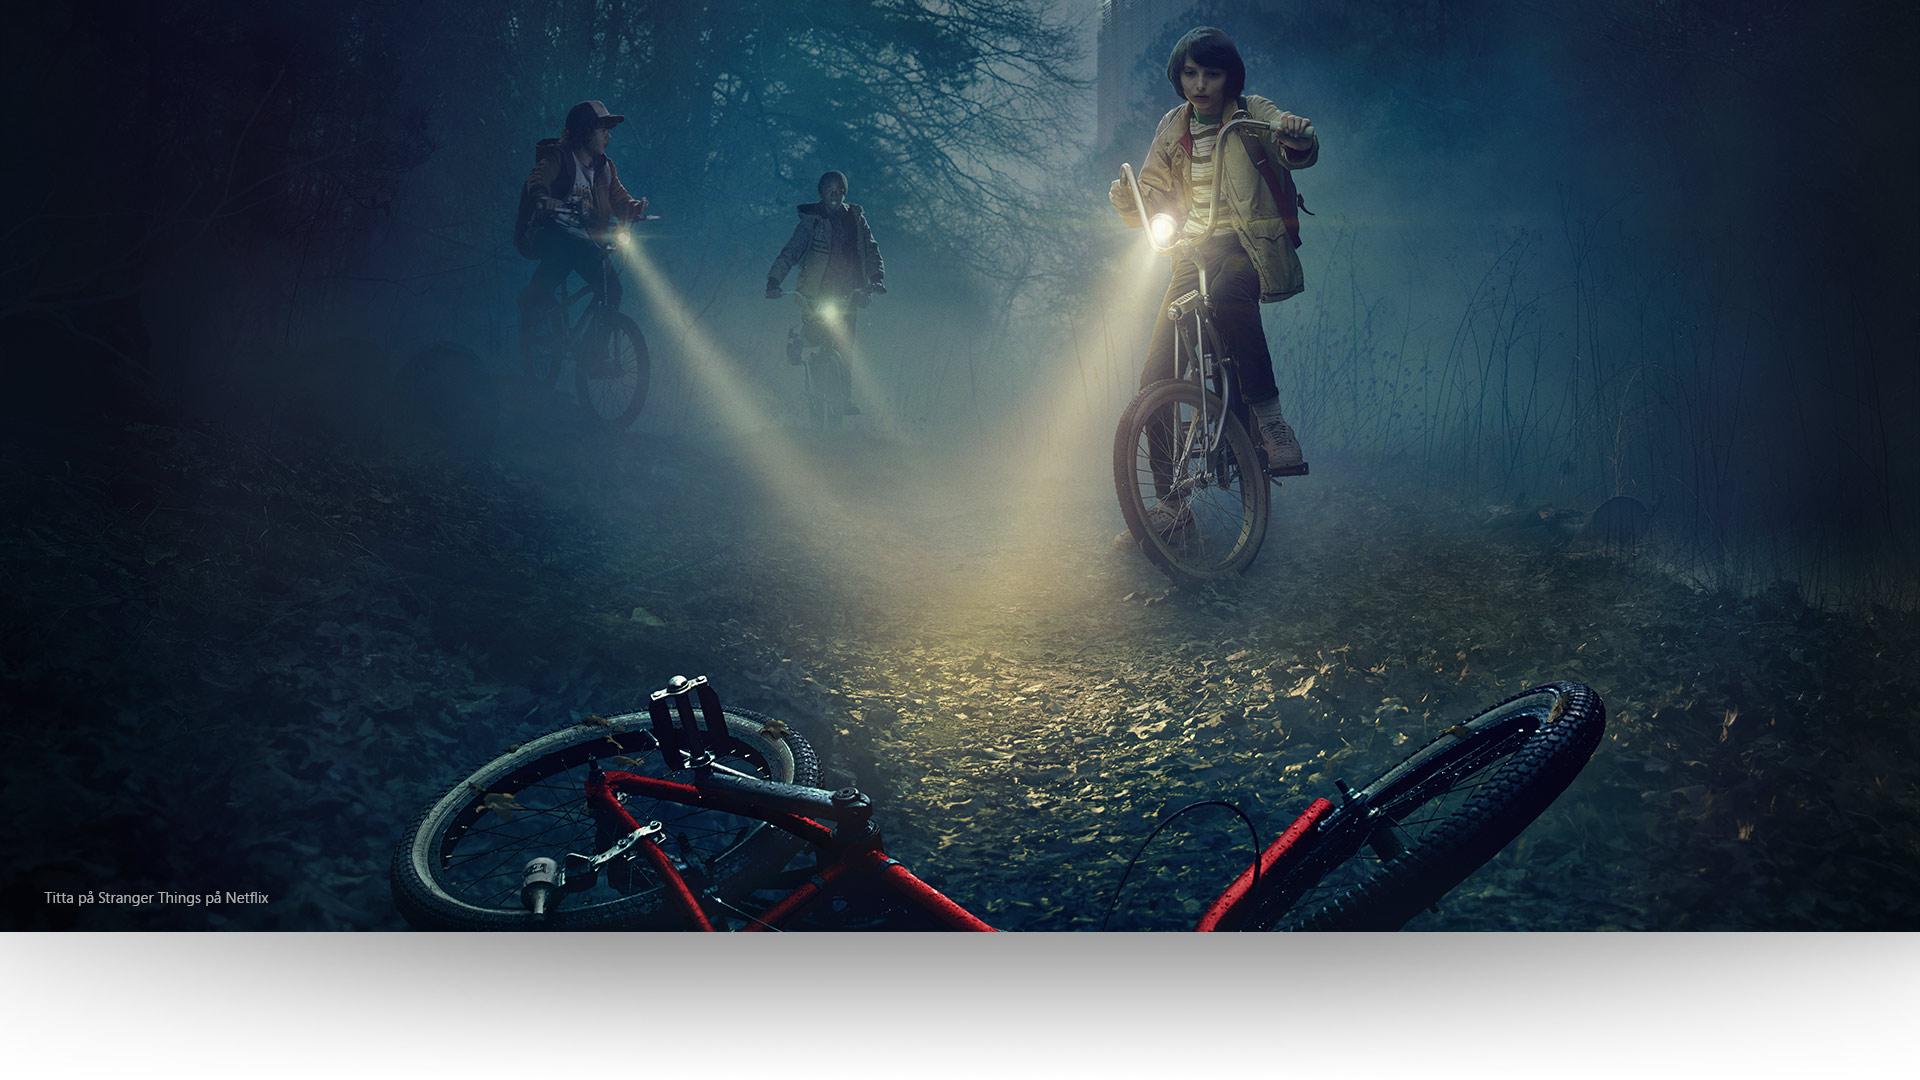 Barnen från Stranger Things upptäcker en cykel i skogen